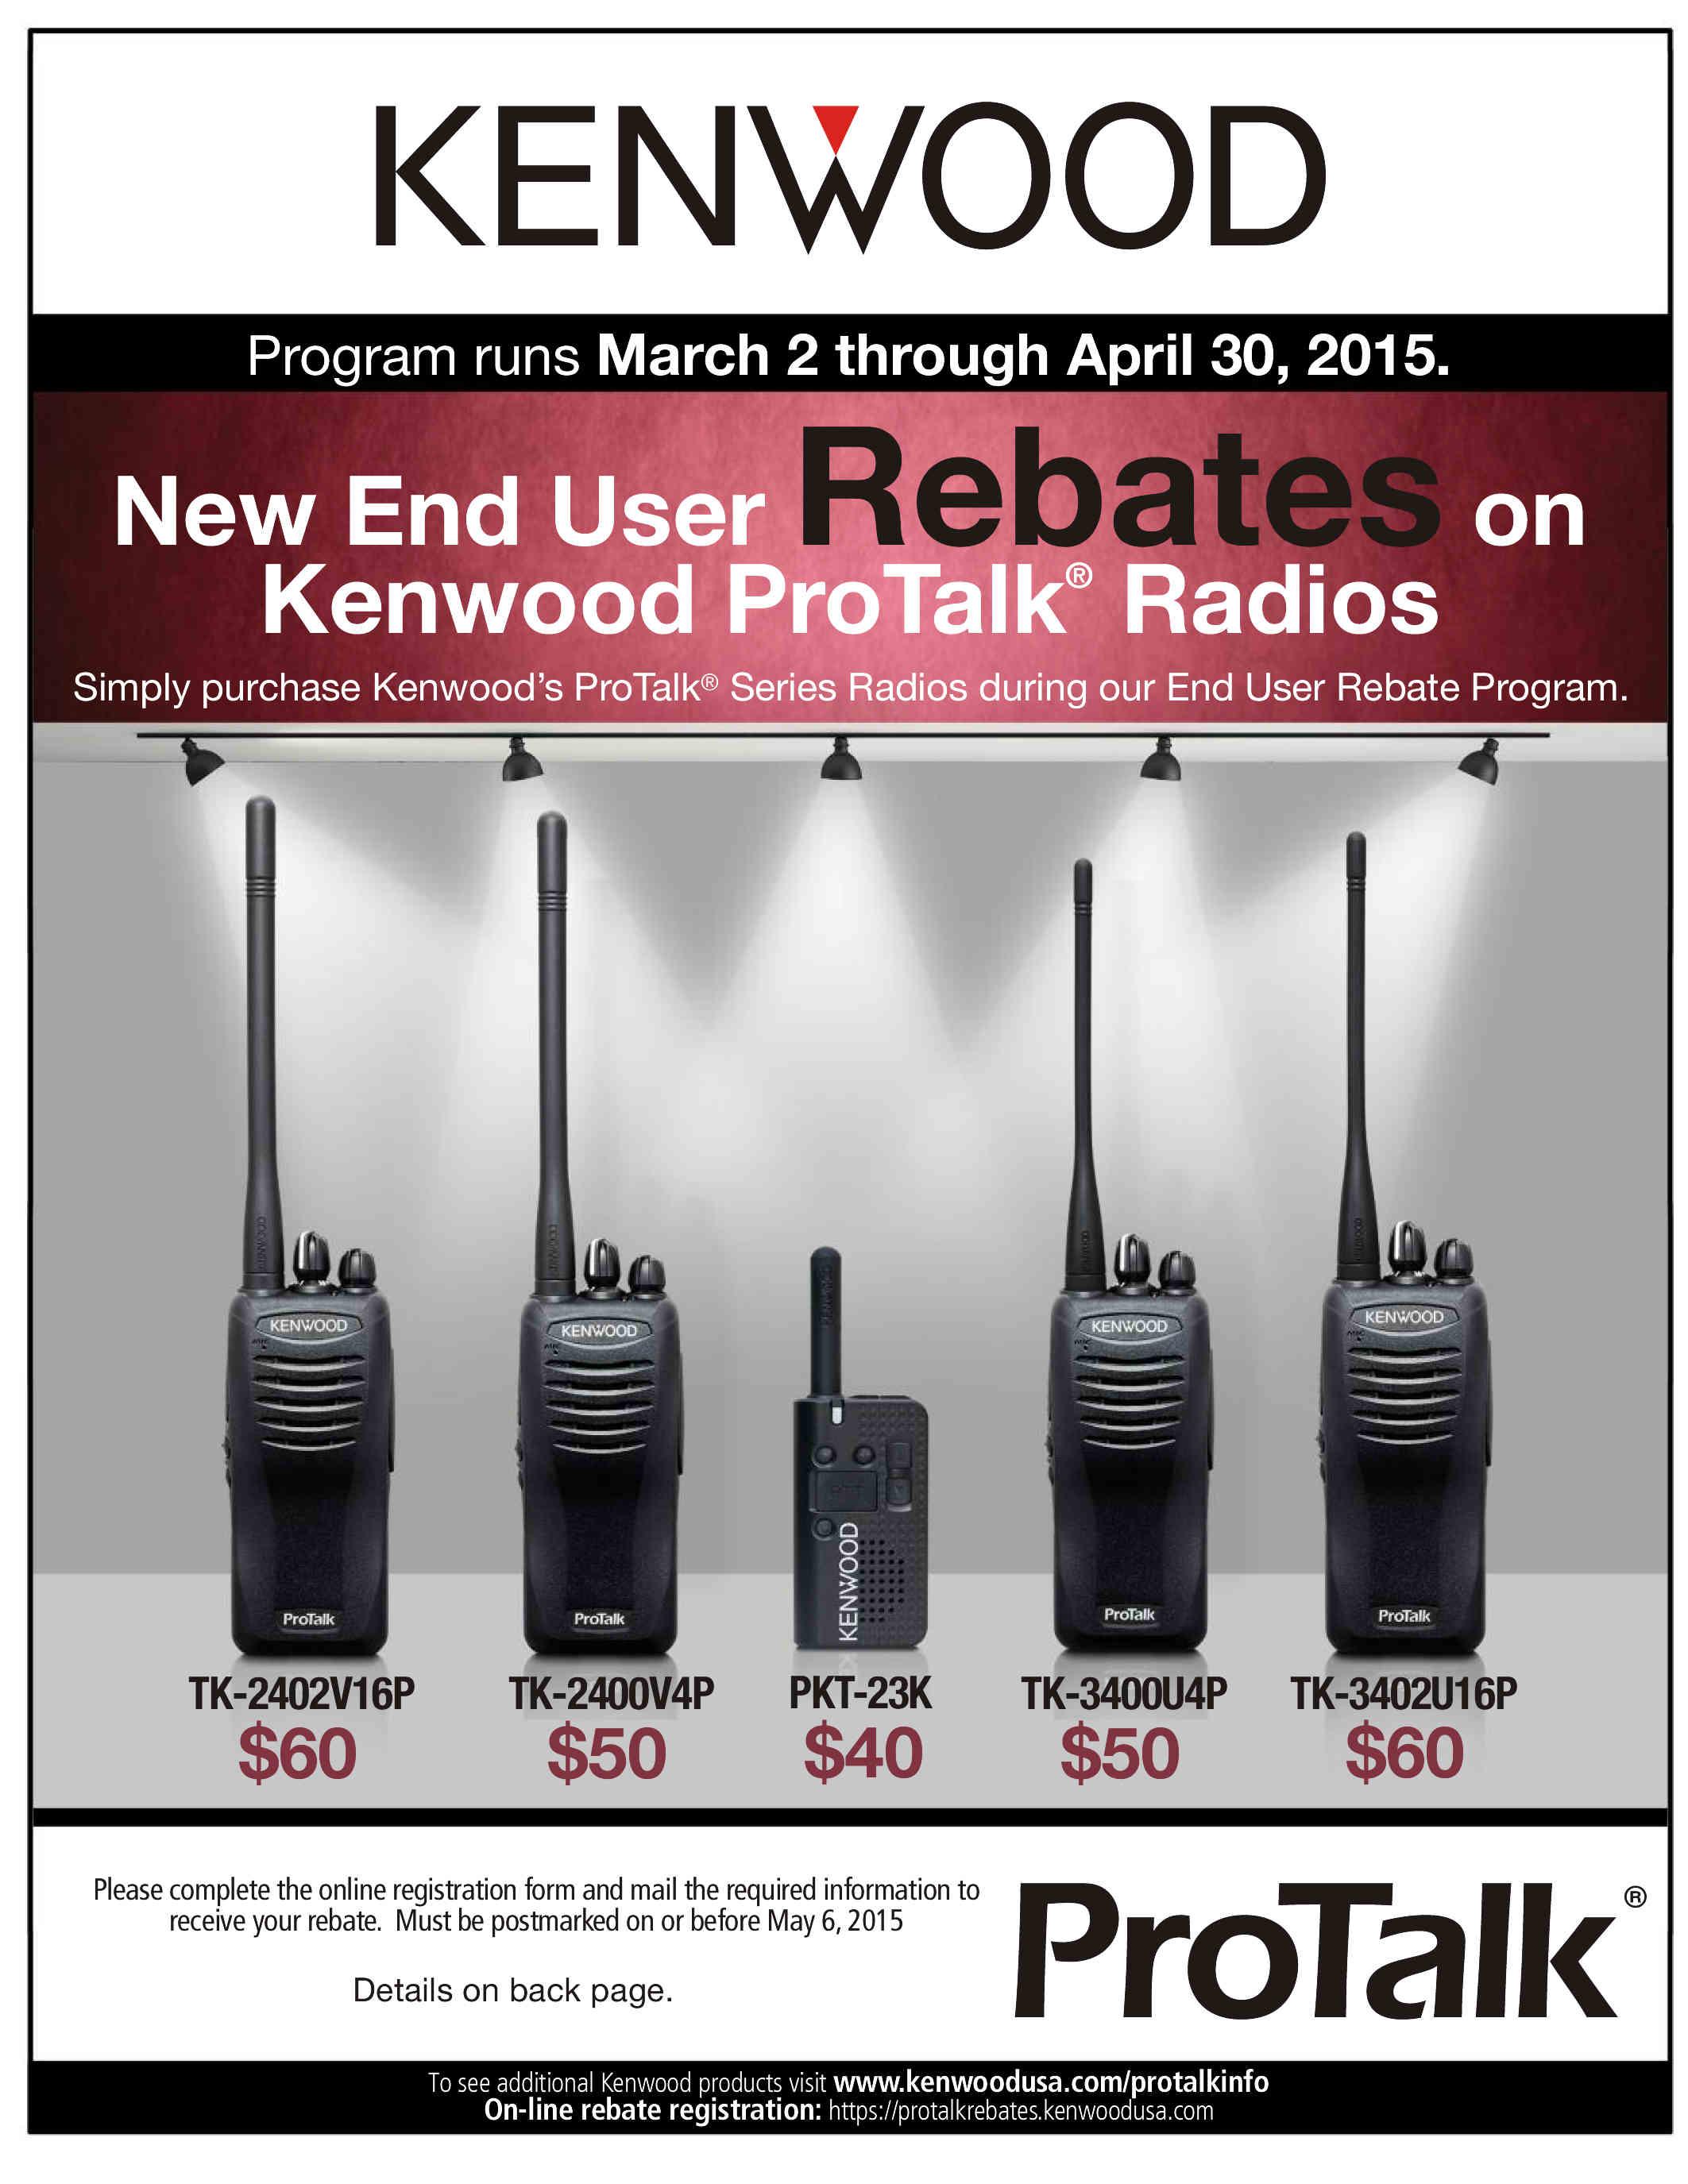 kenwood-rebate-pro-25110d.jpg